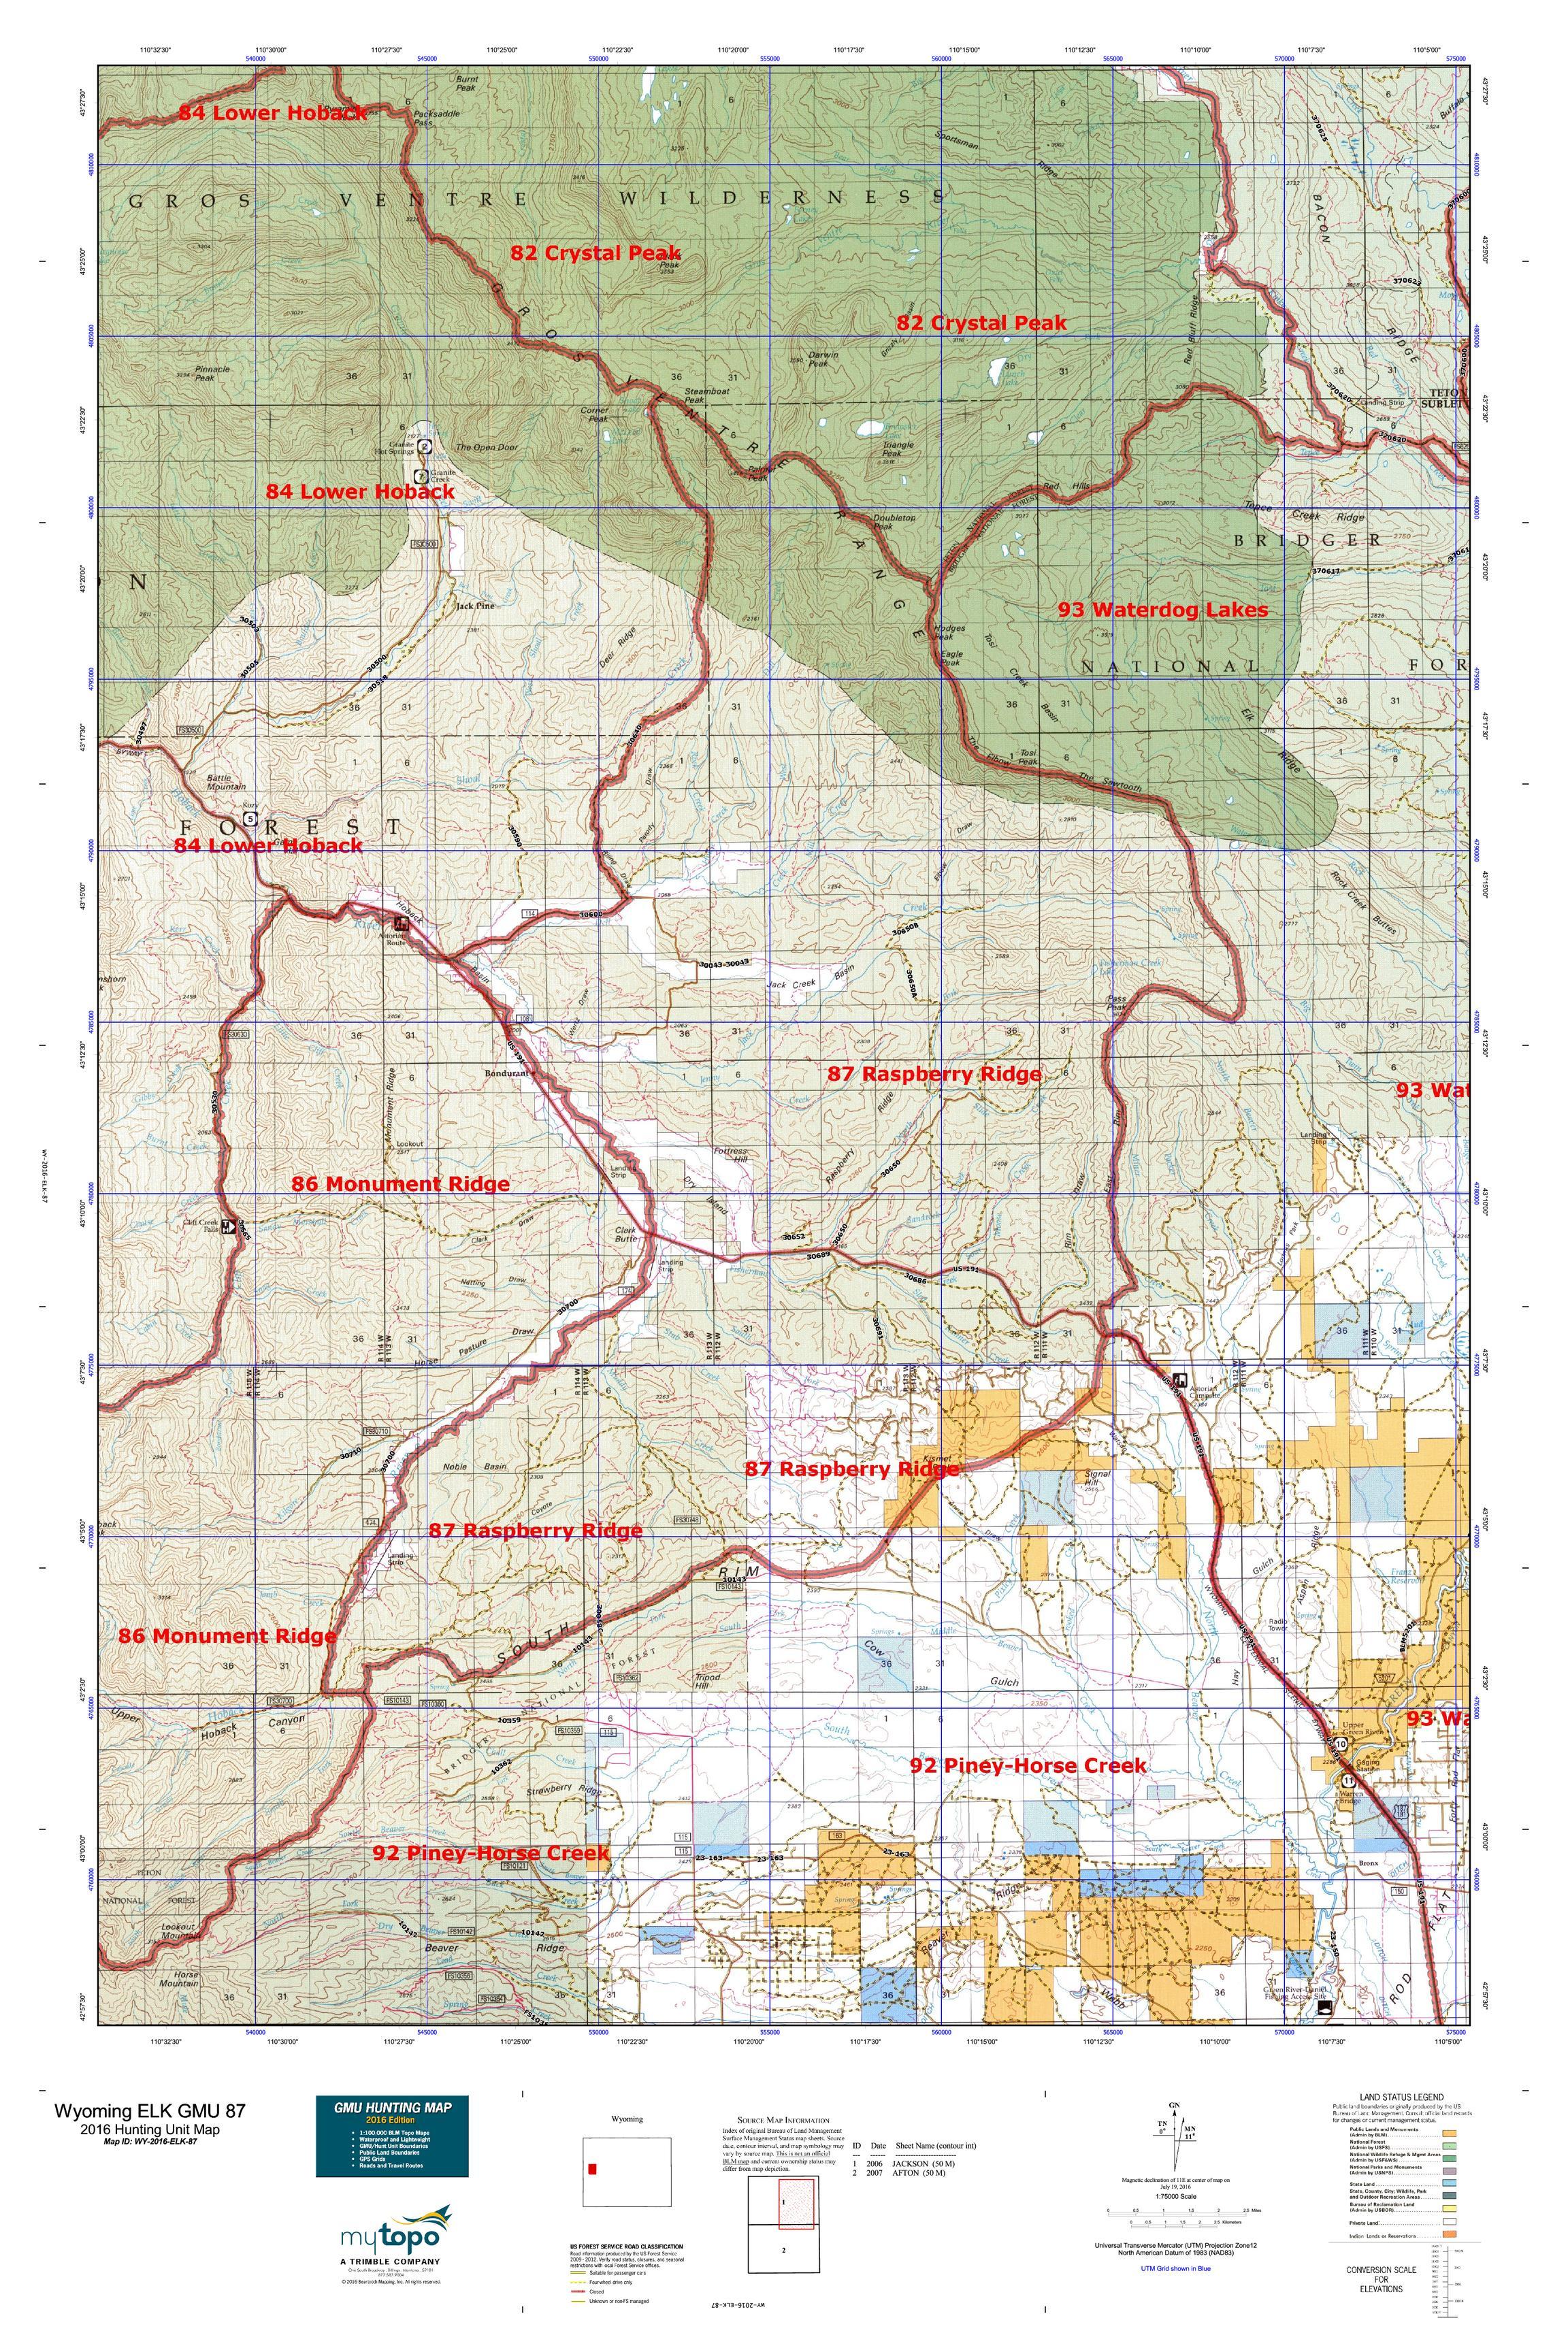 Wyoming ELK GMU  Map MyTopo - Map of us 87